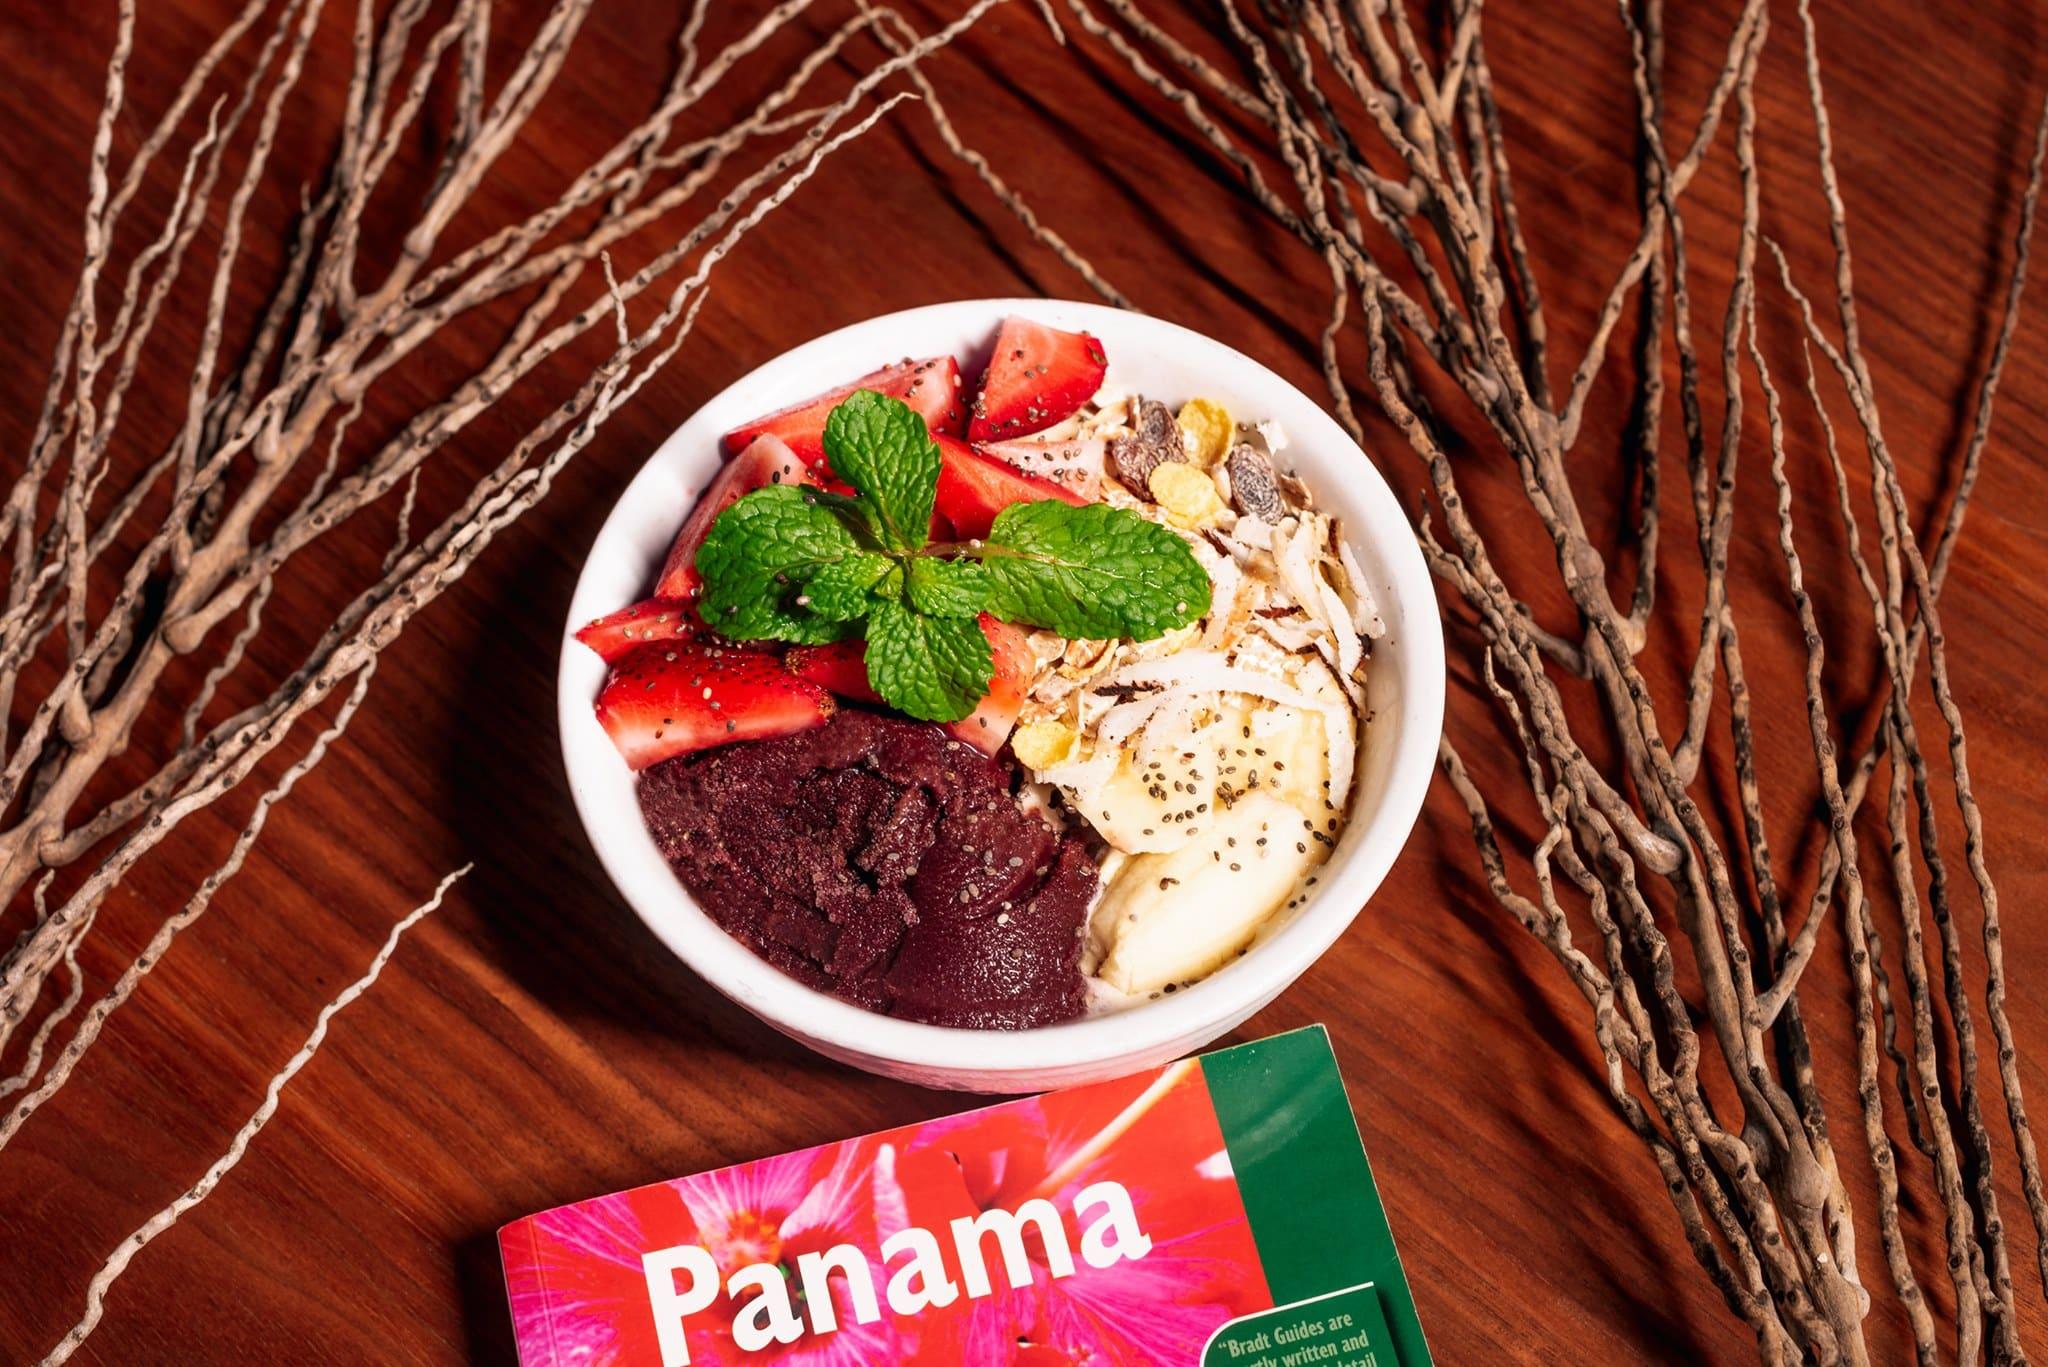 Tazón de desayuno Acai con fresas y coco rallado